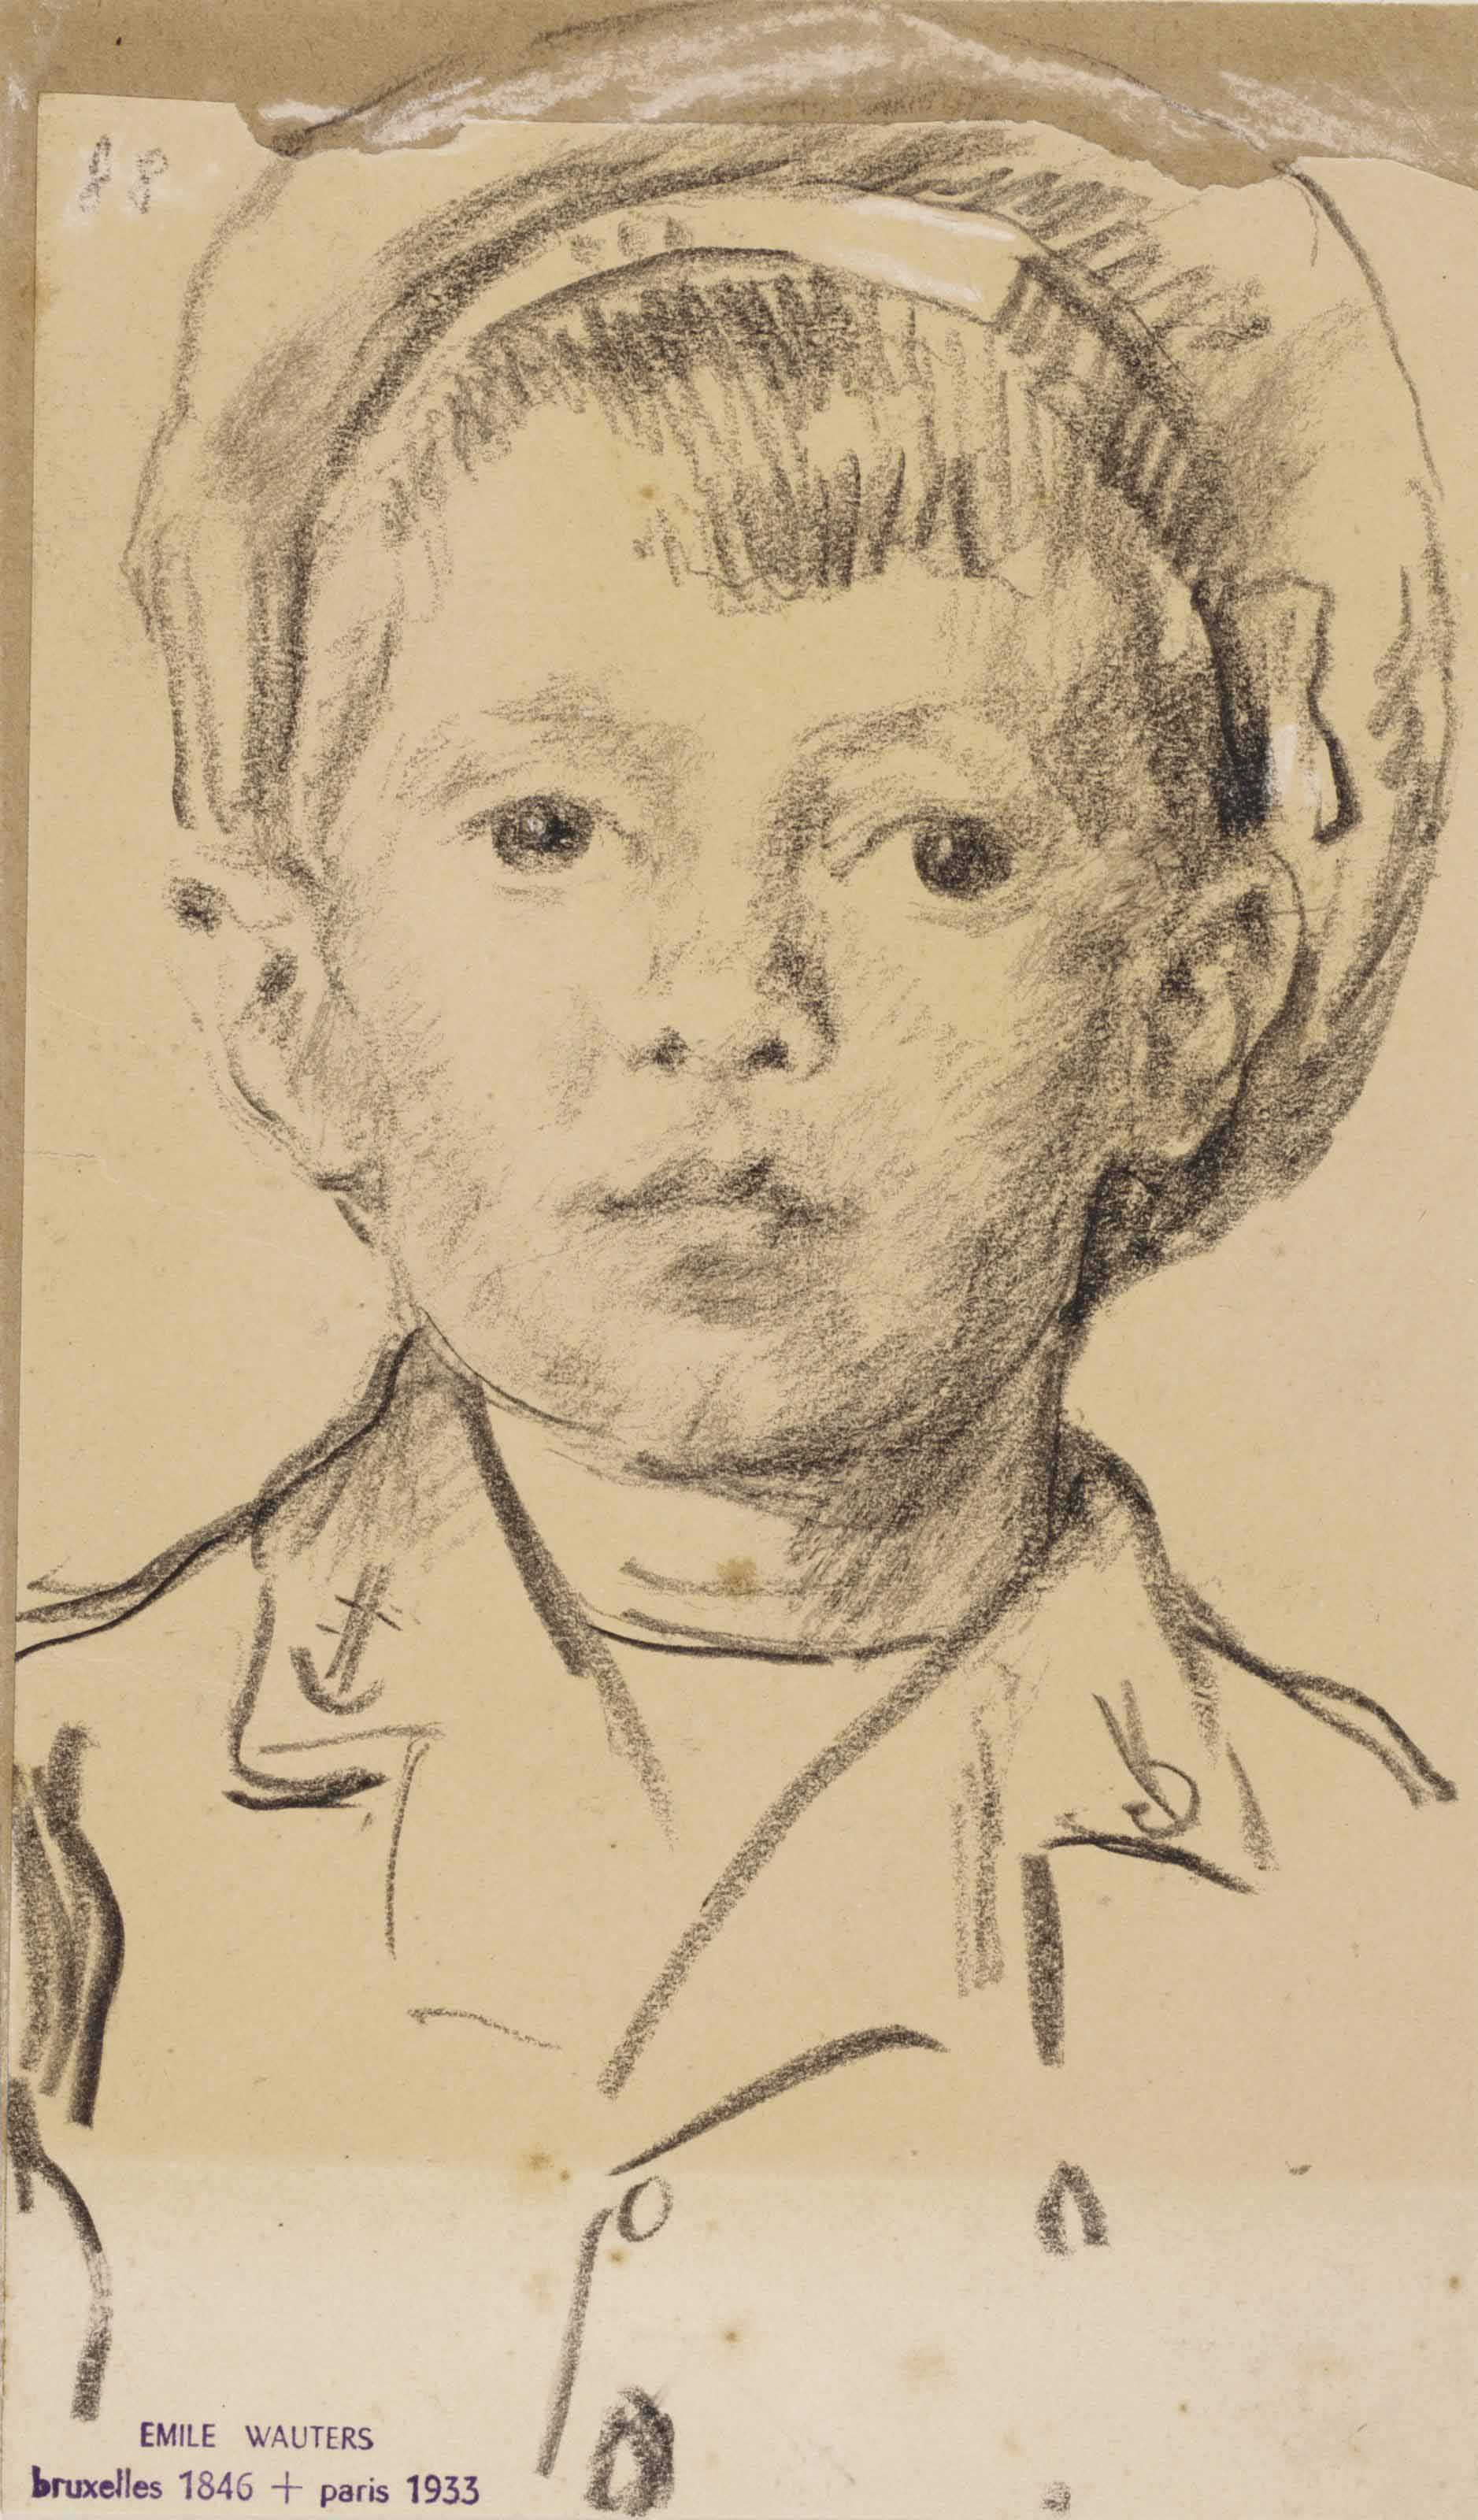 Emile Wauters (Brussels 1846-1933 Paris)